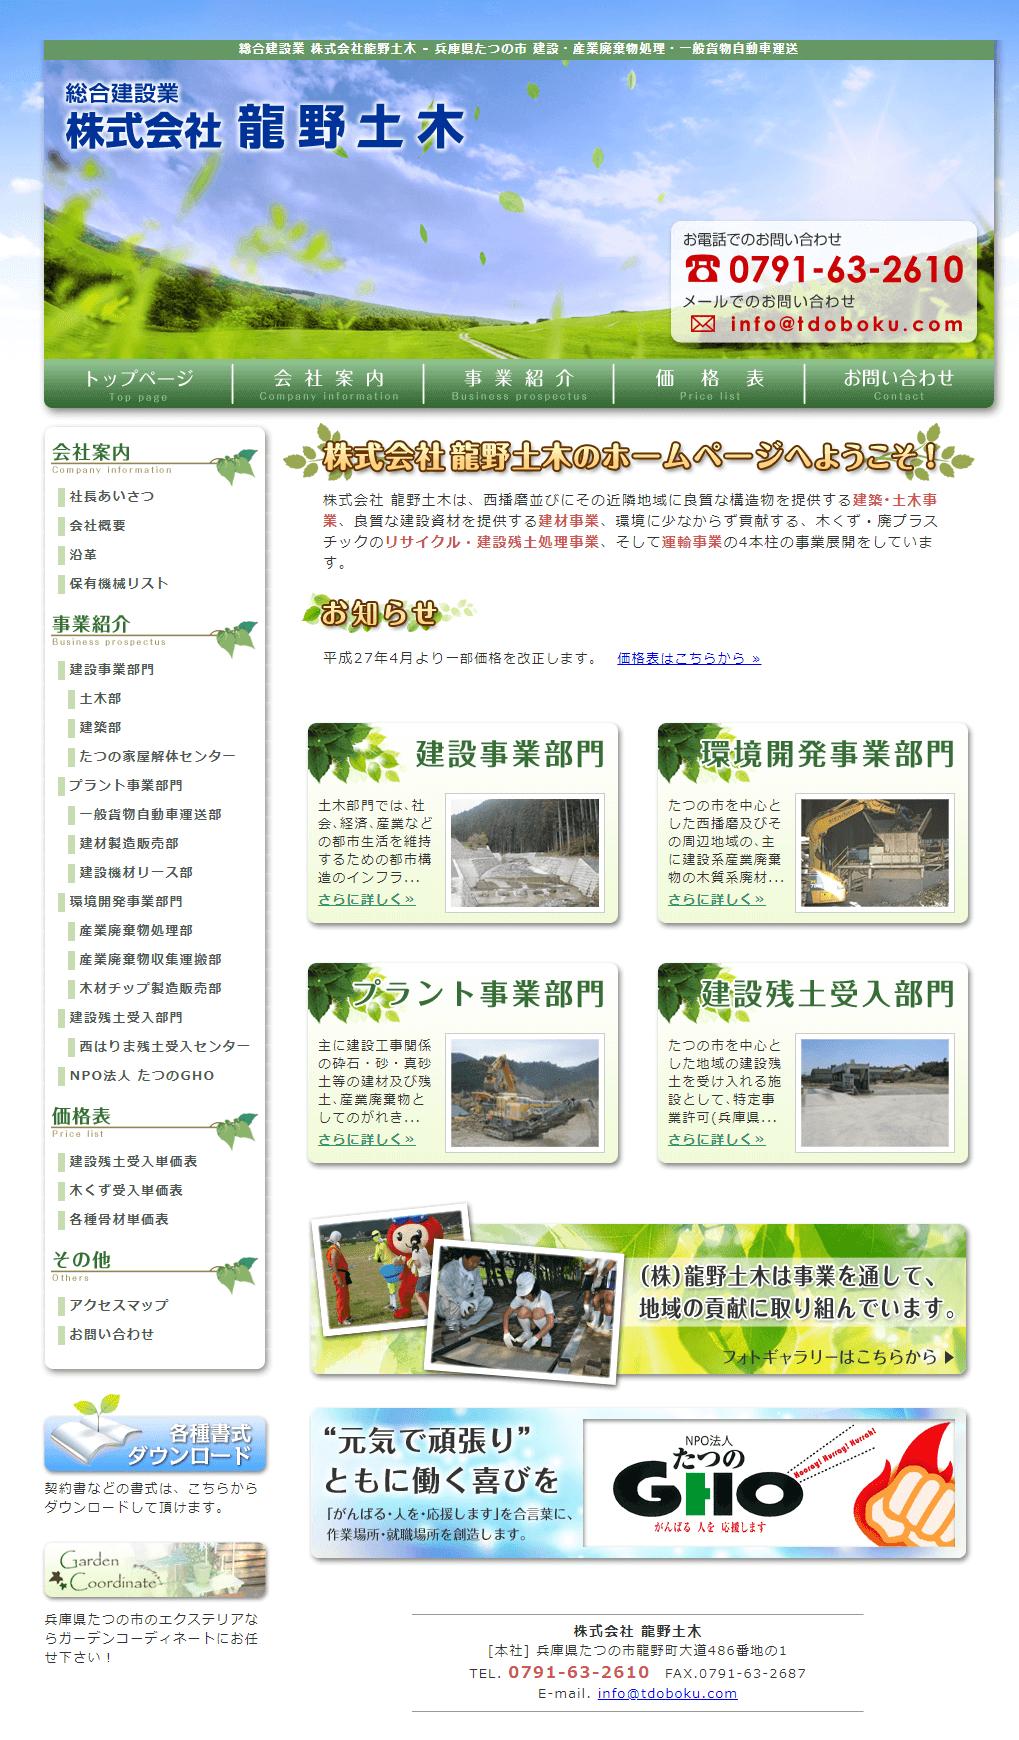 旧サイト:たつの市 株式会社龍野土木 ホームページ制作